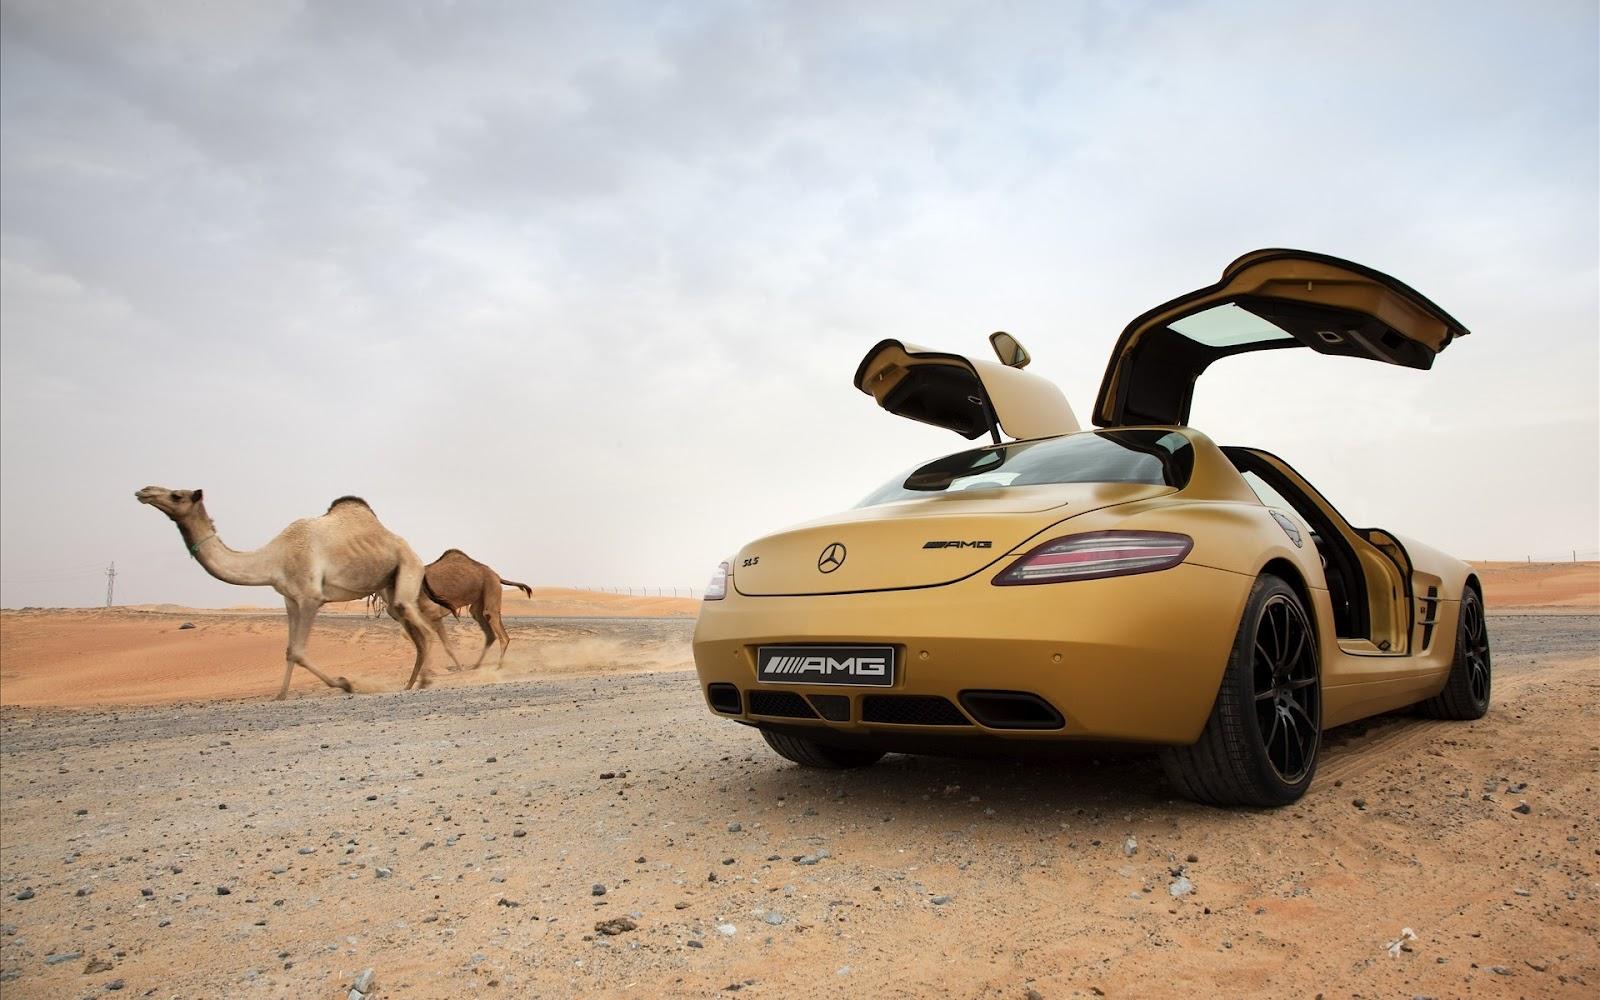 http://4.bp.blogspot.com/-TFAKlSgM-XA/T51zaHFTVJI/AAAAAAAAbJo/eAEETuKjuFA/s1600/Mercedes-Benz-AMG-SLS_07.jpg